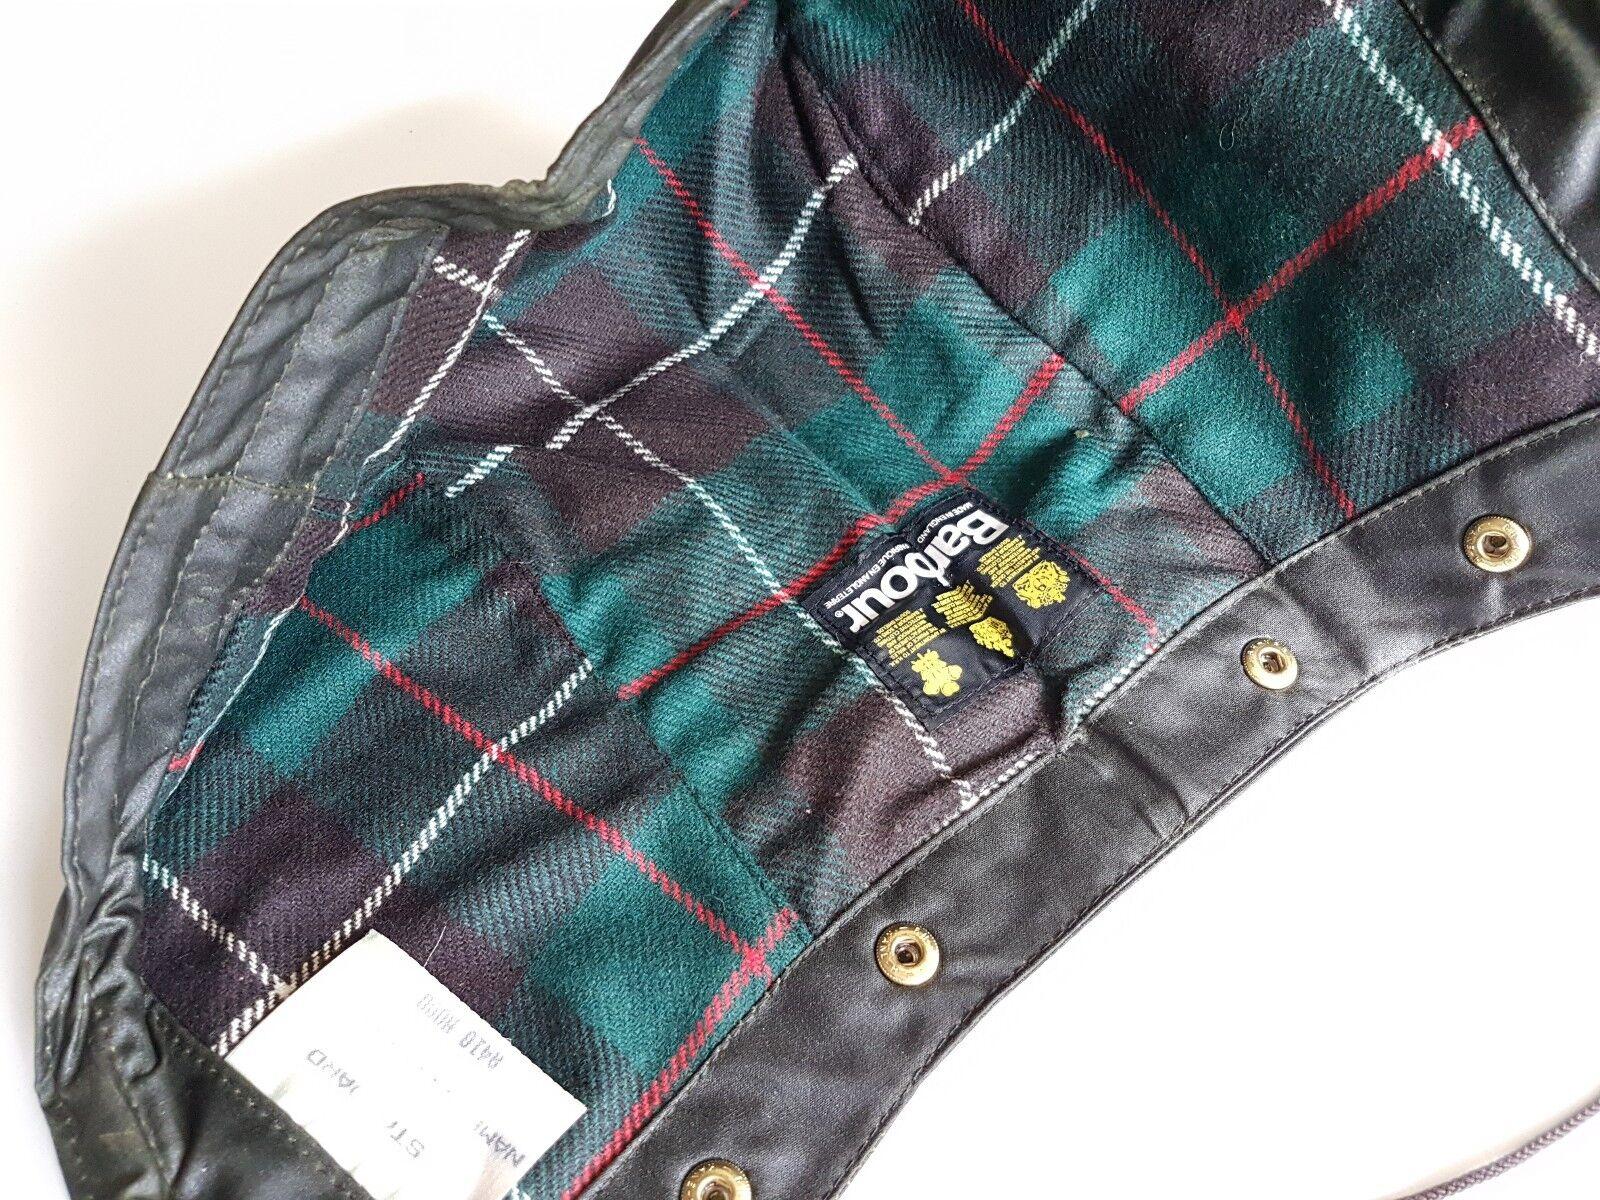 NUOVO Barbour vintage cotone PARAFFINATO CAPPUCCIO VERDE nn. da S 80 S da Made in England RARO d9b35e